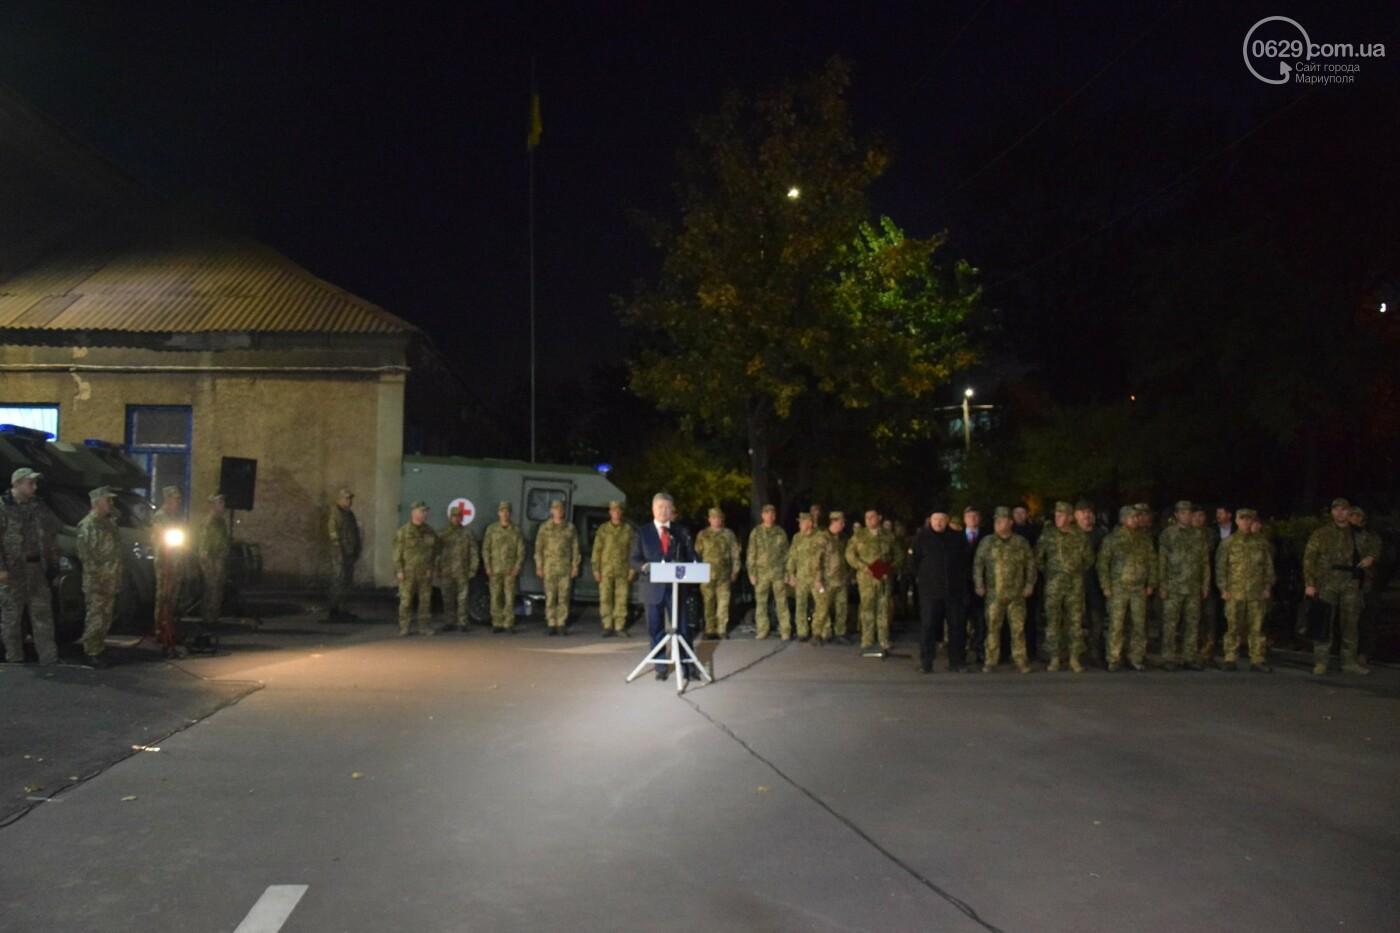 Порошенко подарил военным медикам в Мариуполе 20 современных санитарных автомобилей, - ФОТО, ВИДЕО, фото-8